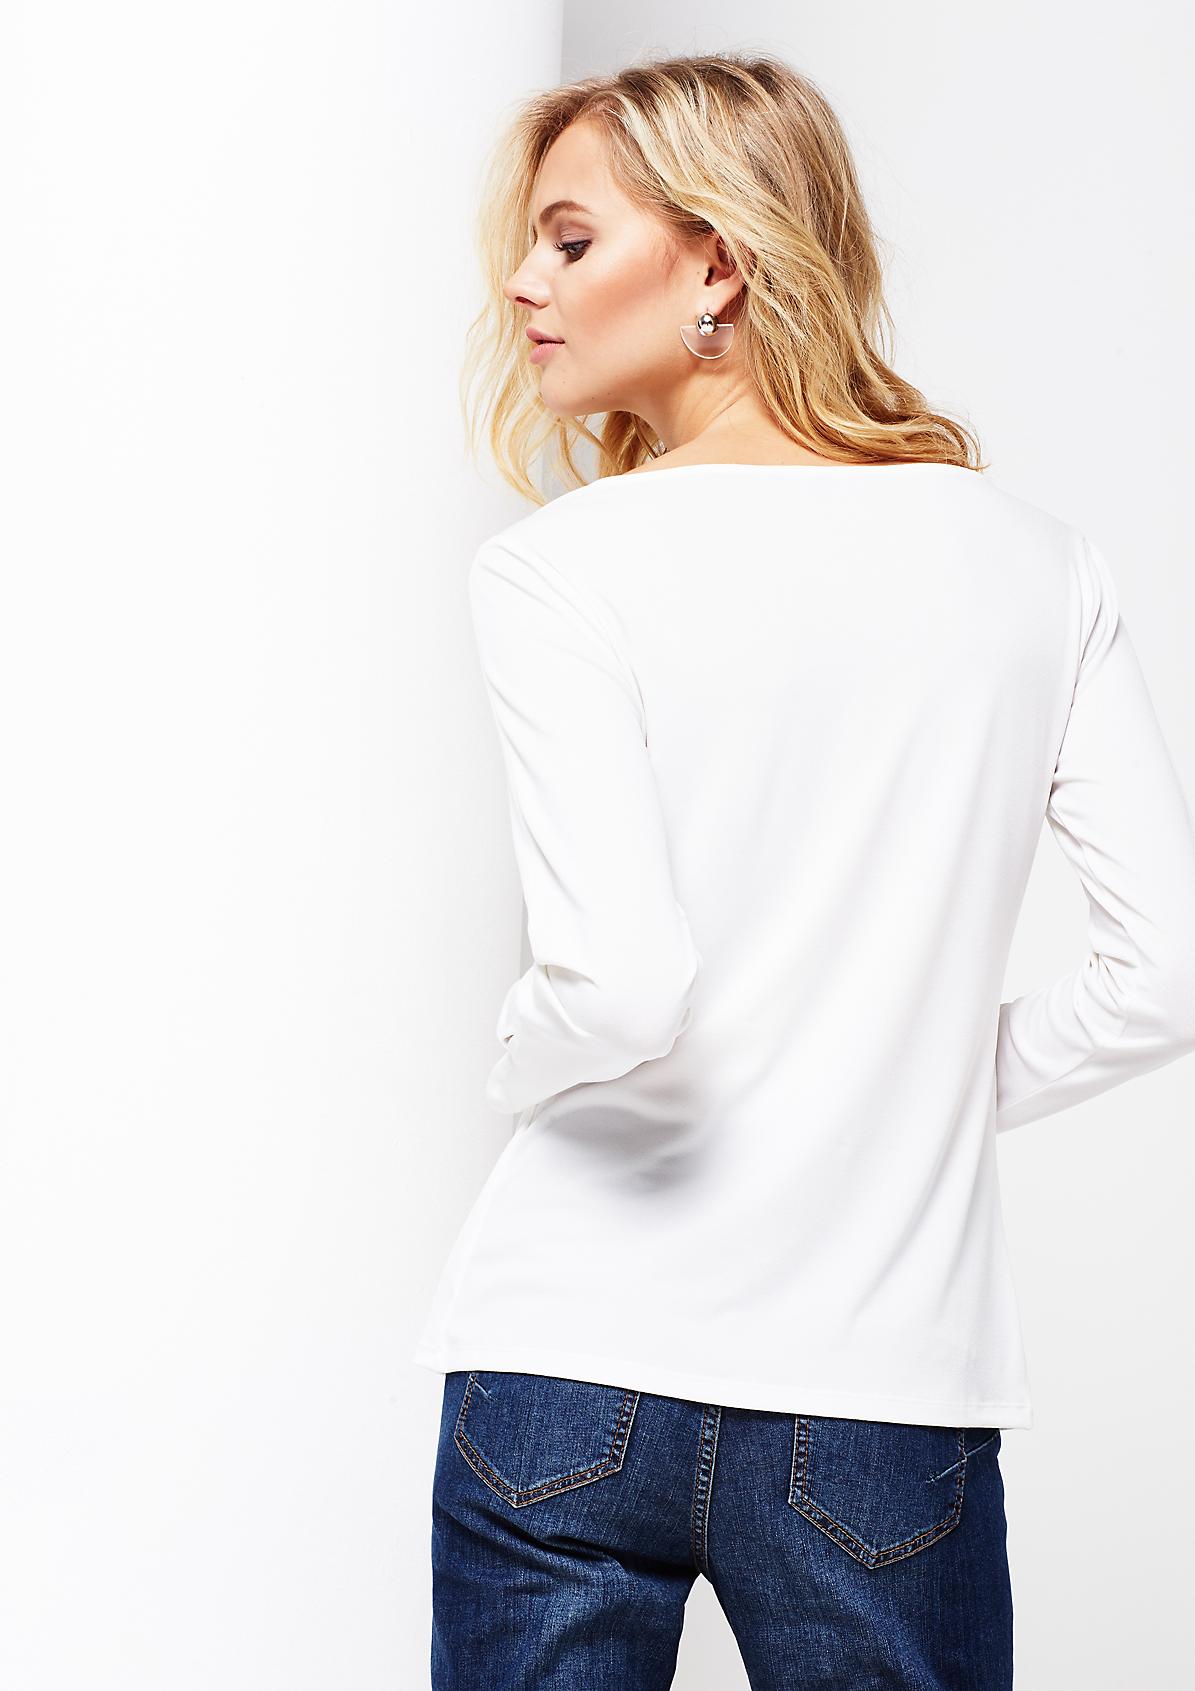 Feines Kreppshirt mit schönen Details